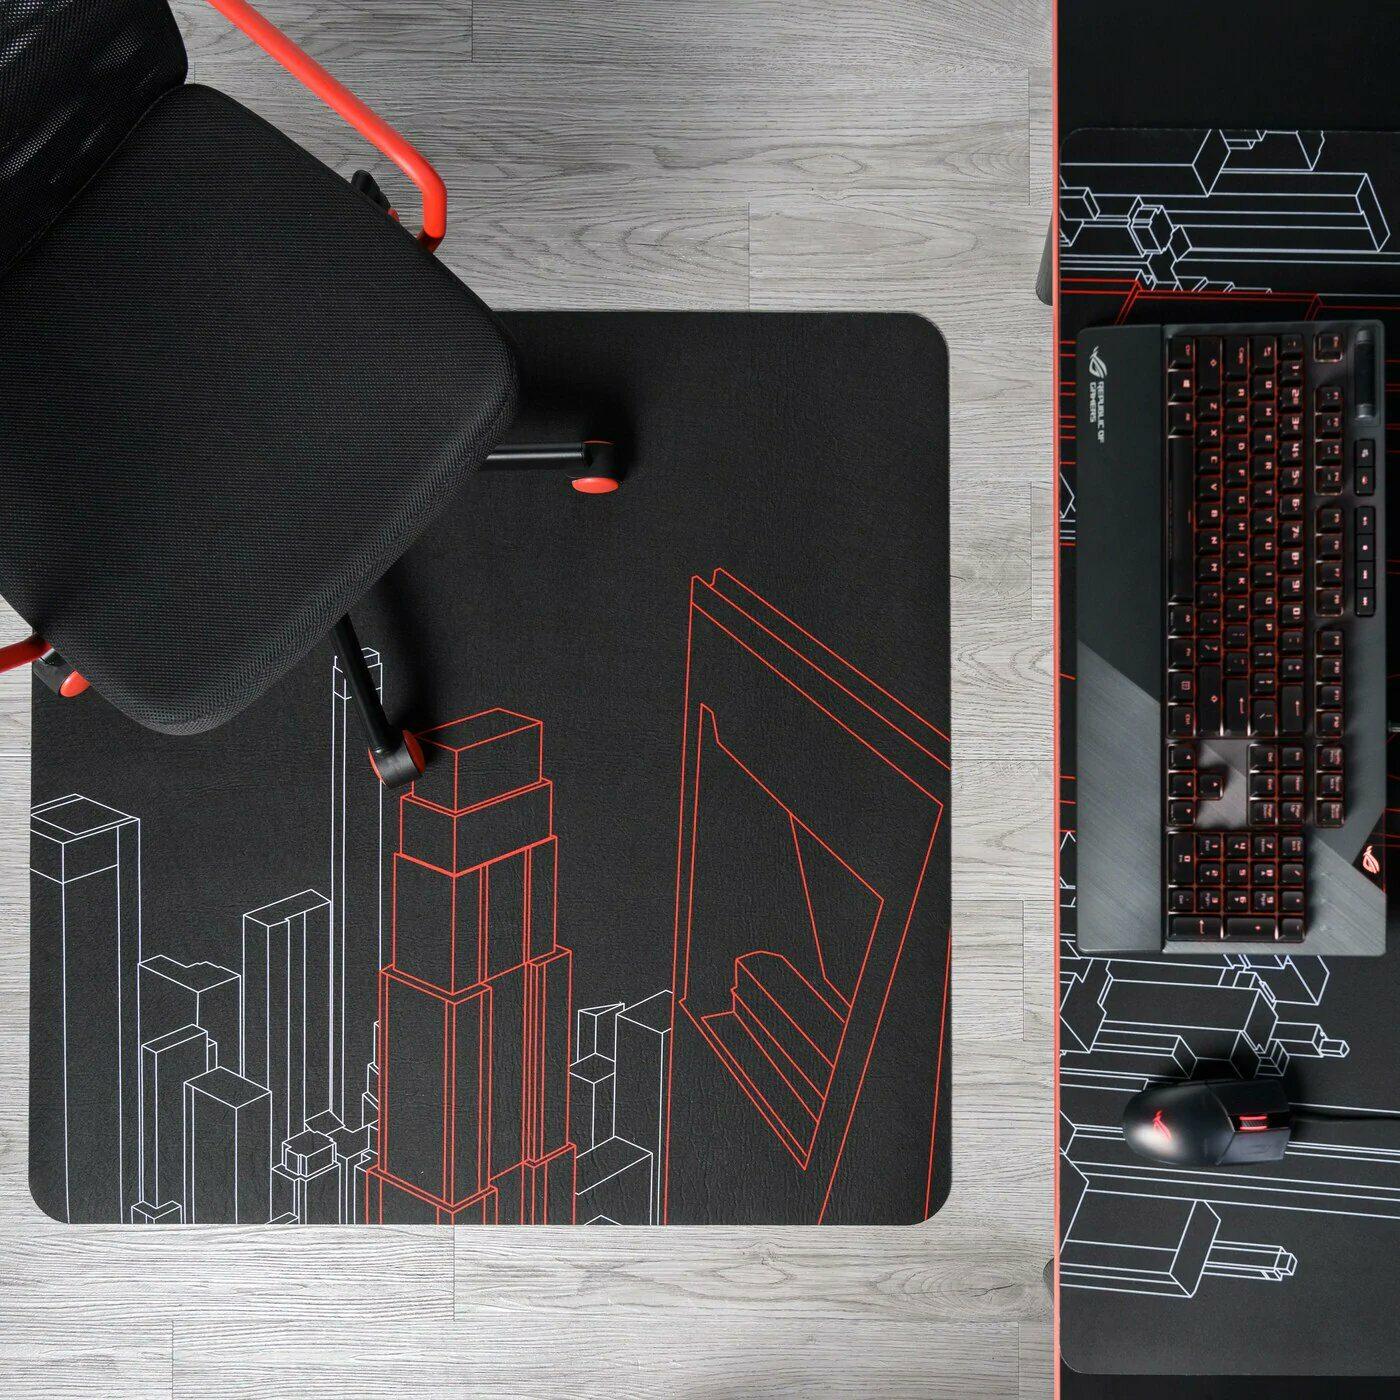 Wspólny produkt IKEA i ASUS opracowany dla graczy